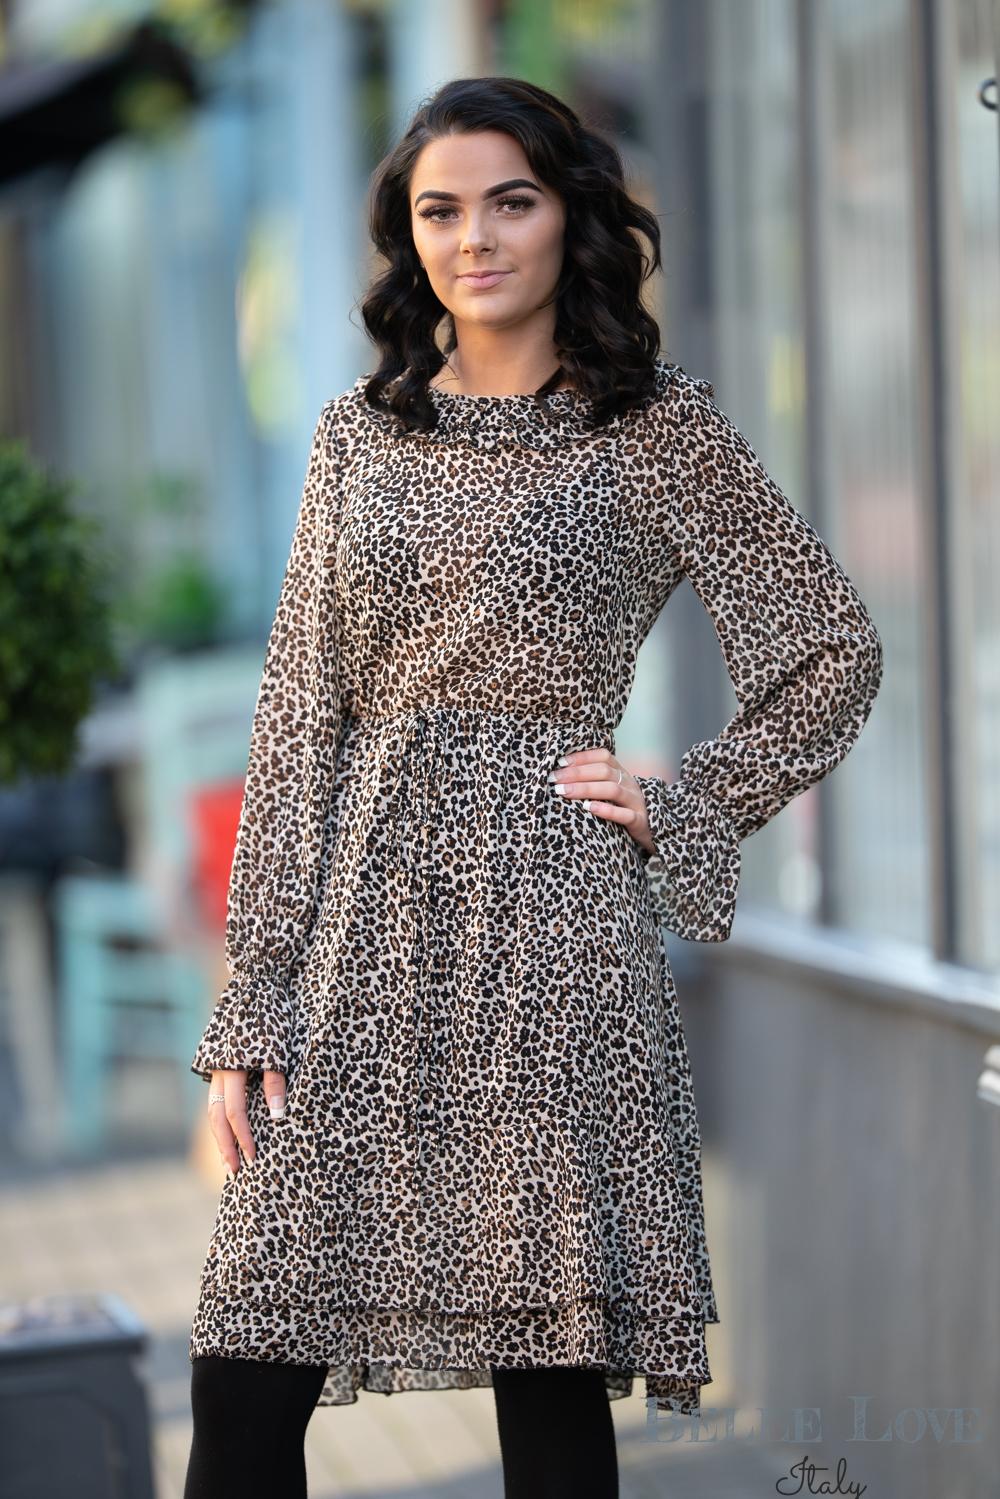 Belle Love Italy Leopard Print Ruffle Dress